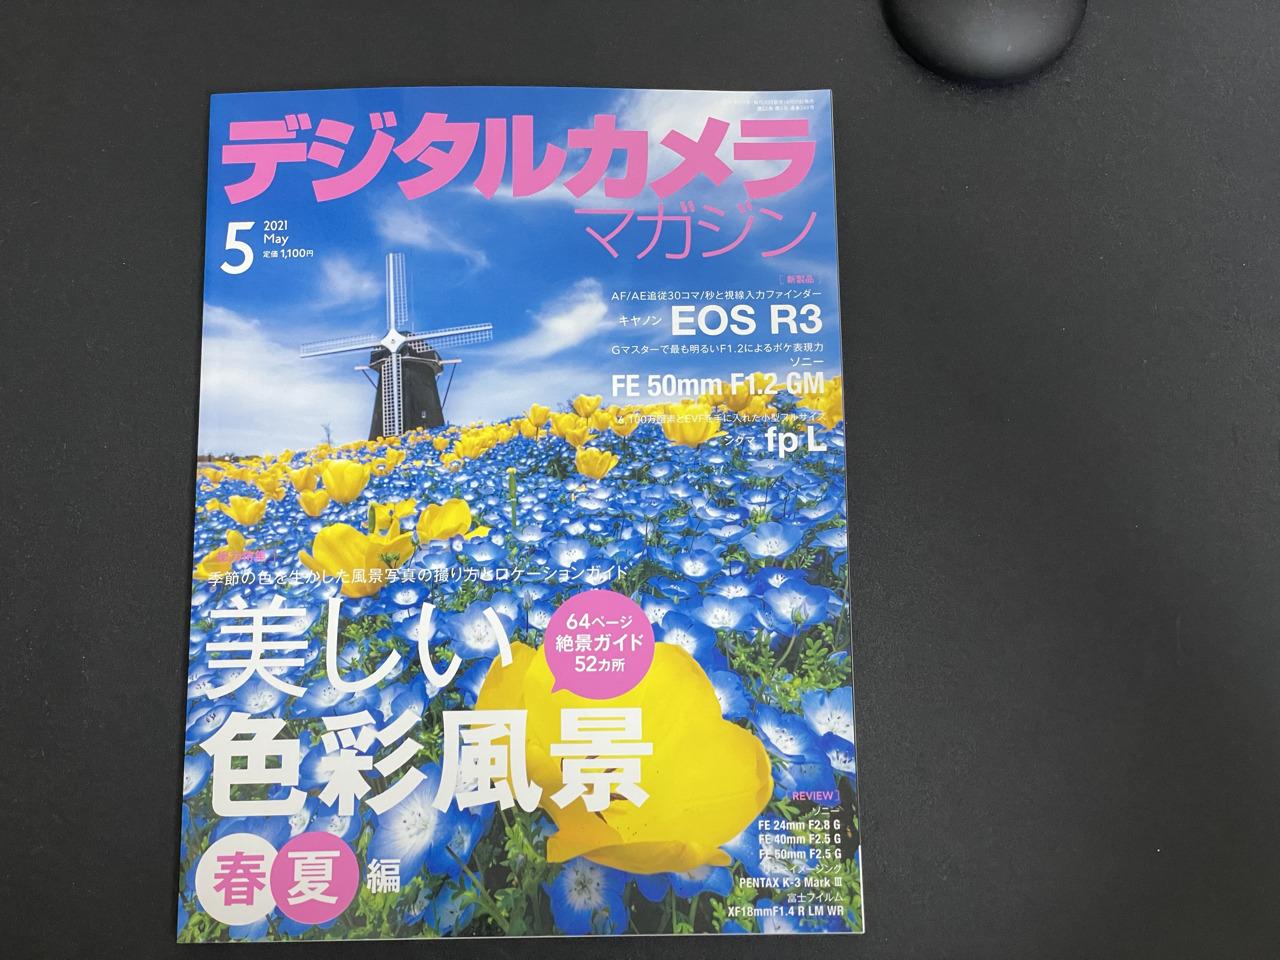 デジタルカメラマガジン5月号の企画「美しい色彩風景」で記事を書かせていただきました!